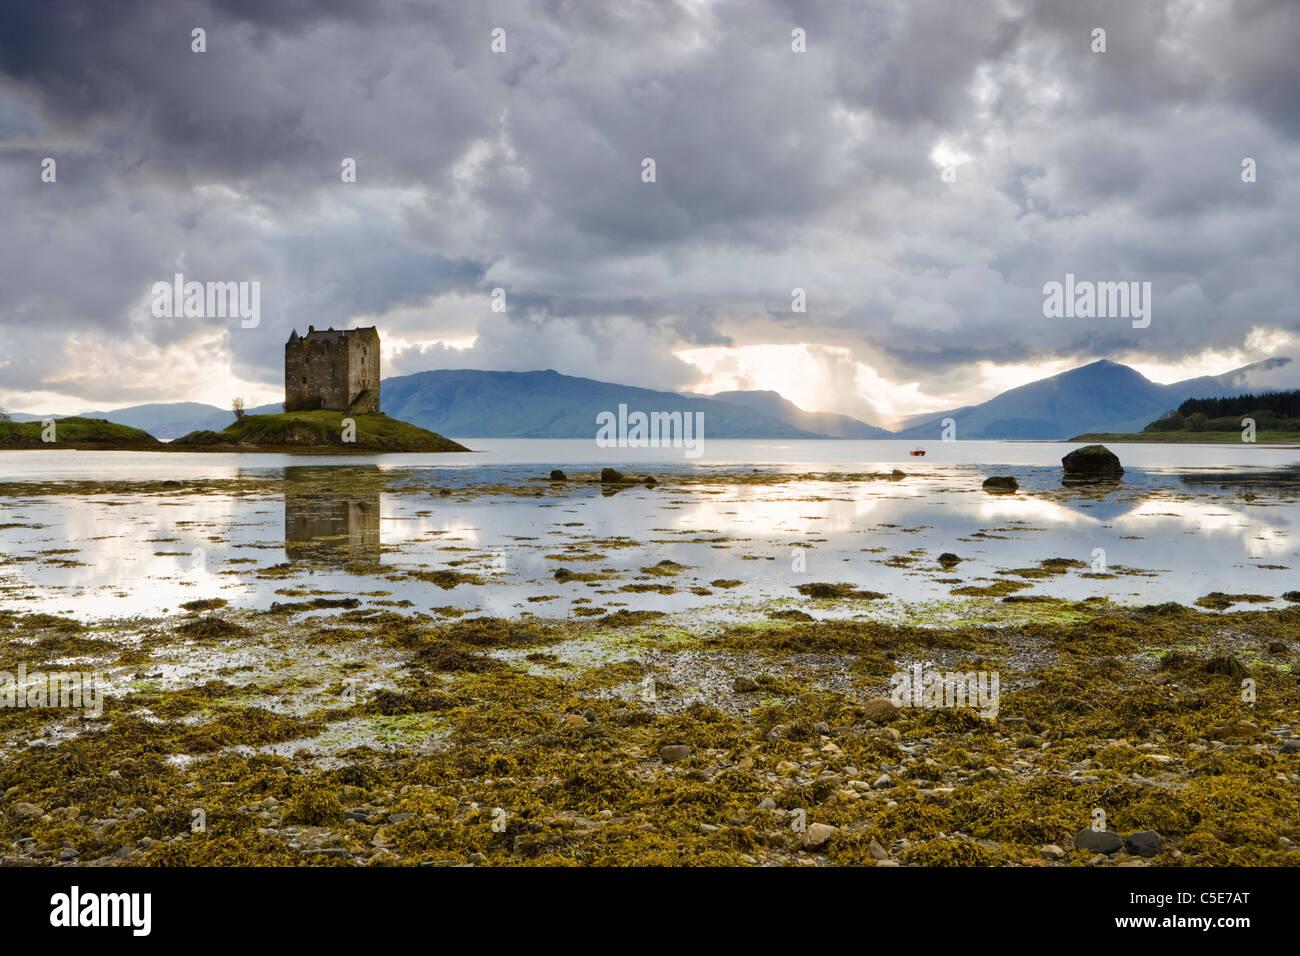 Castle Stalker, Argyll, Escocia, Reino Unido Imagen De Stock